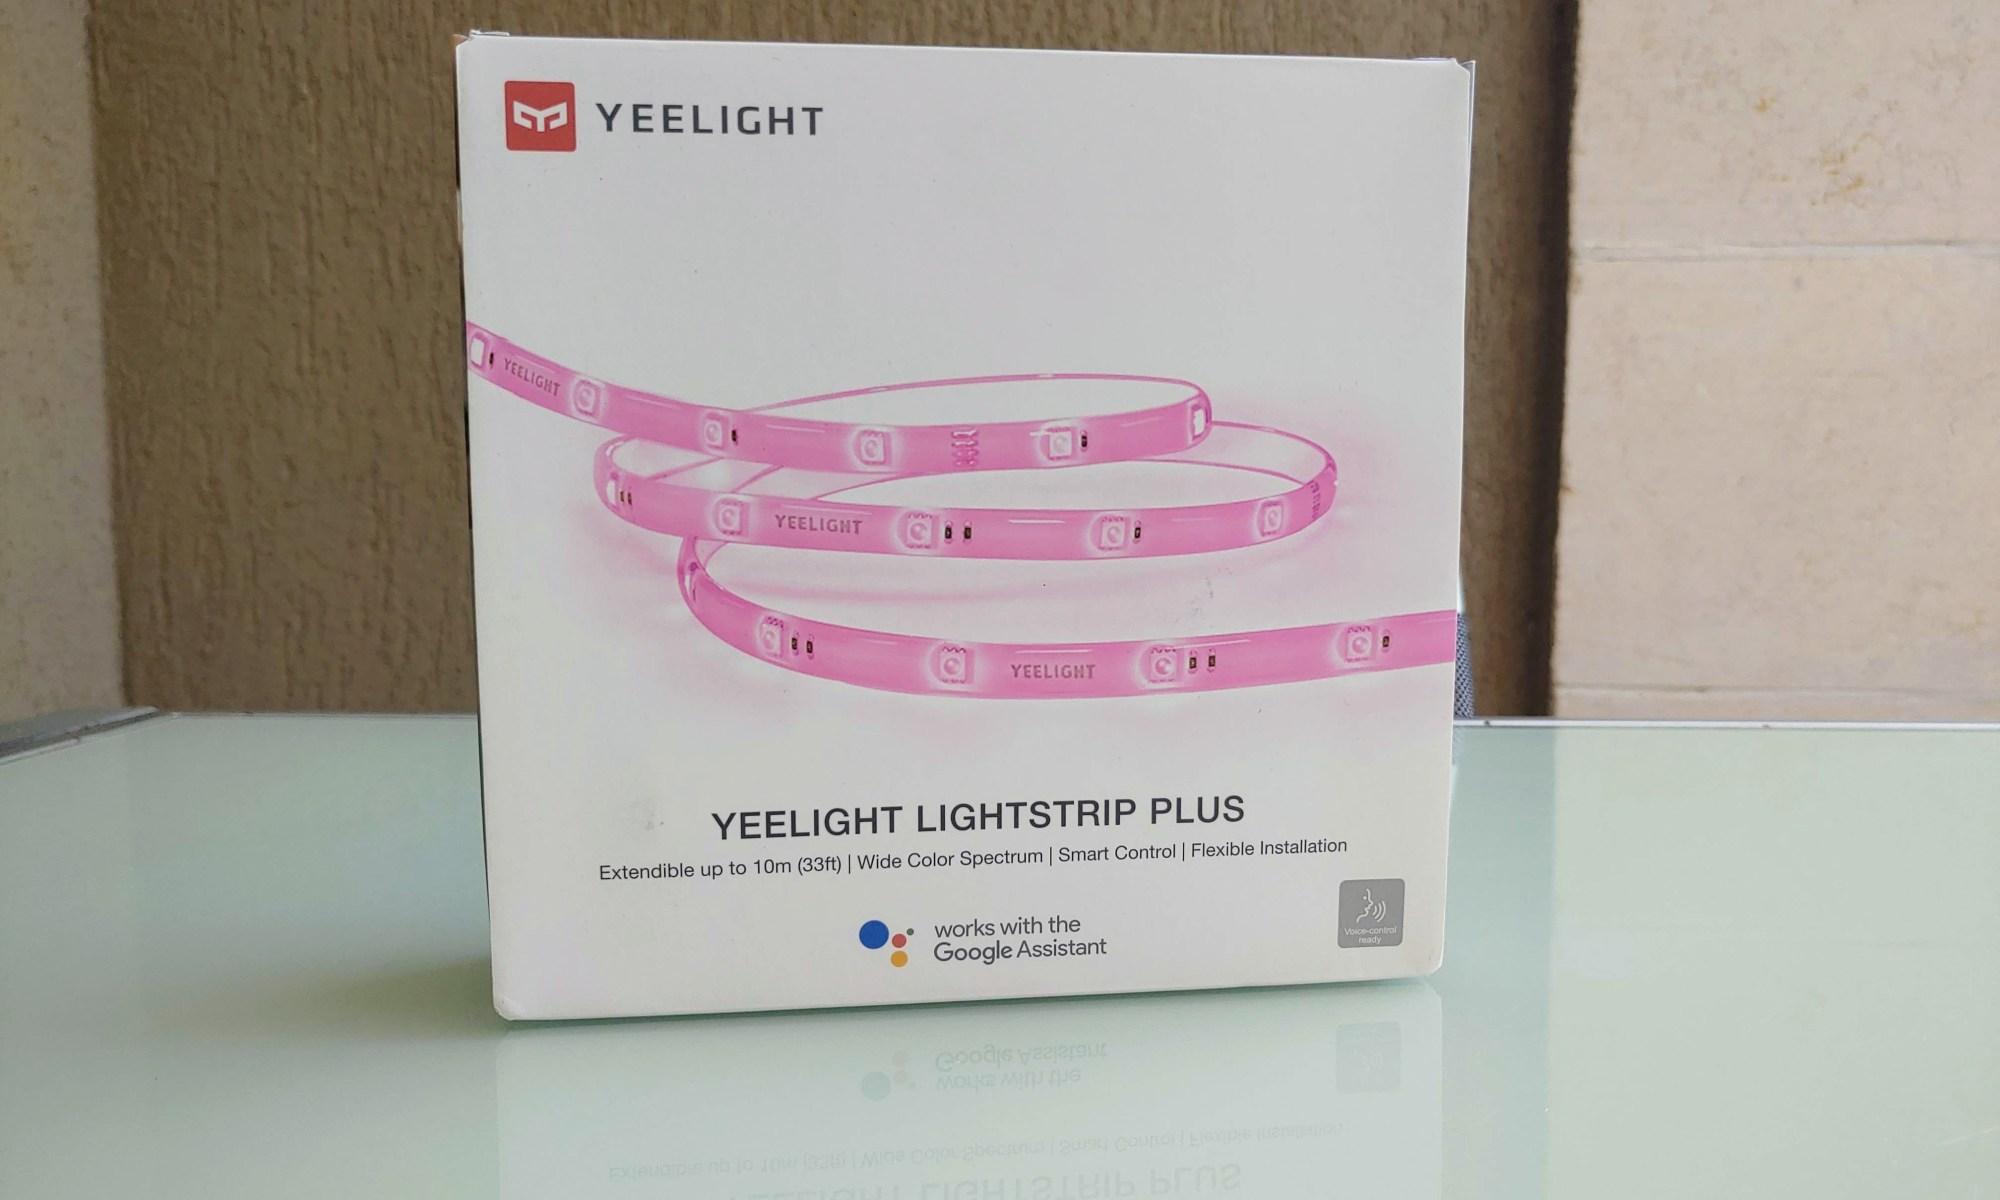 תאורה חכמה Yeelight. צילום צחי הופמן